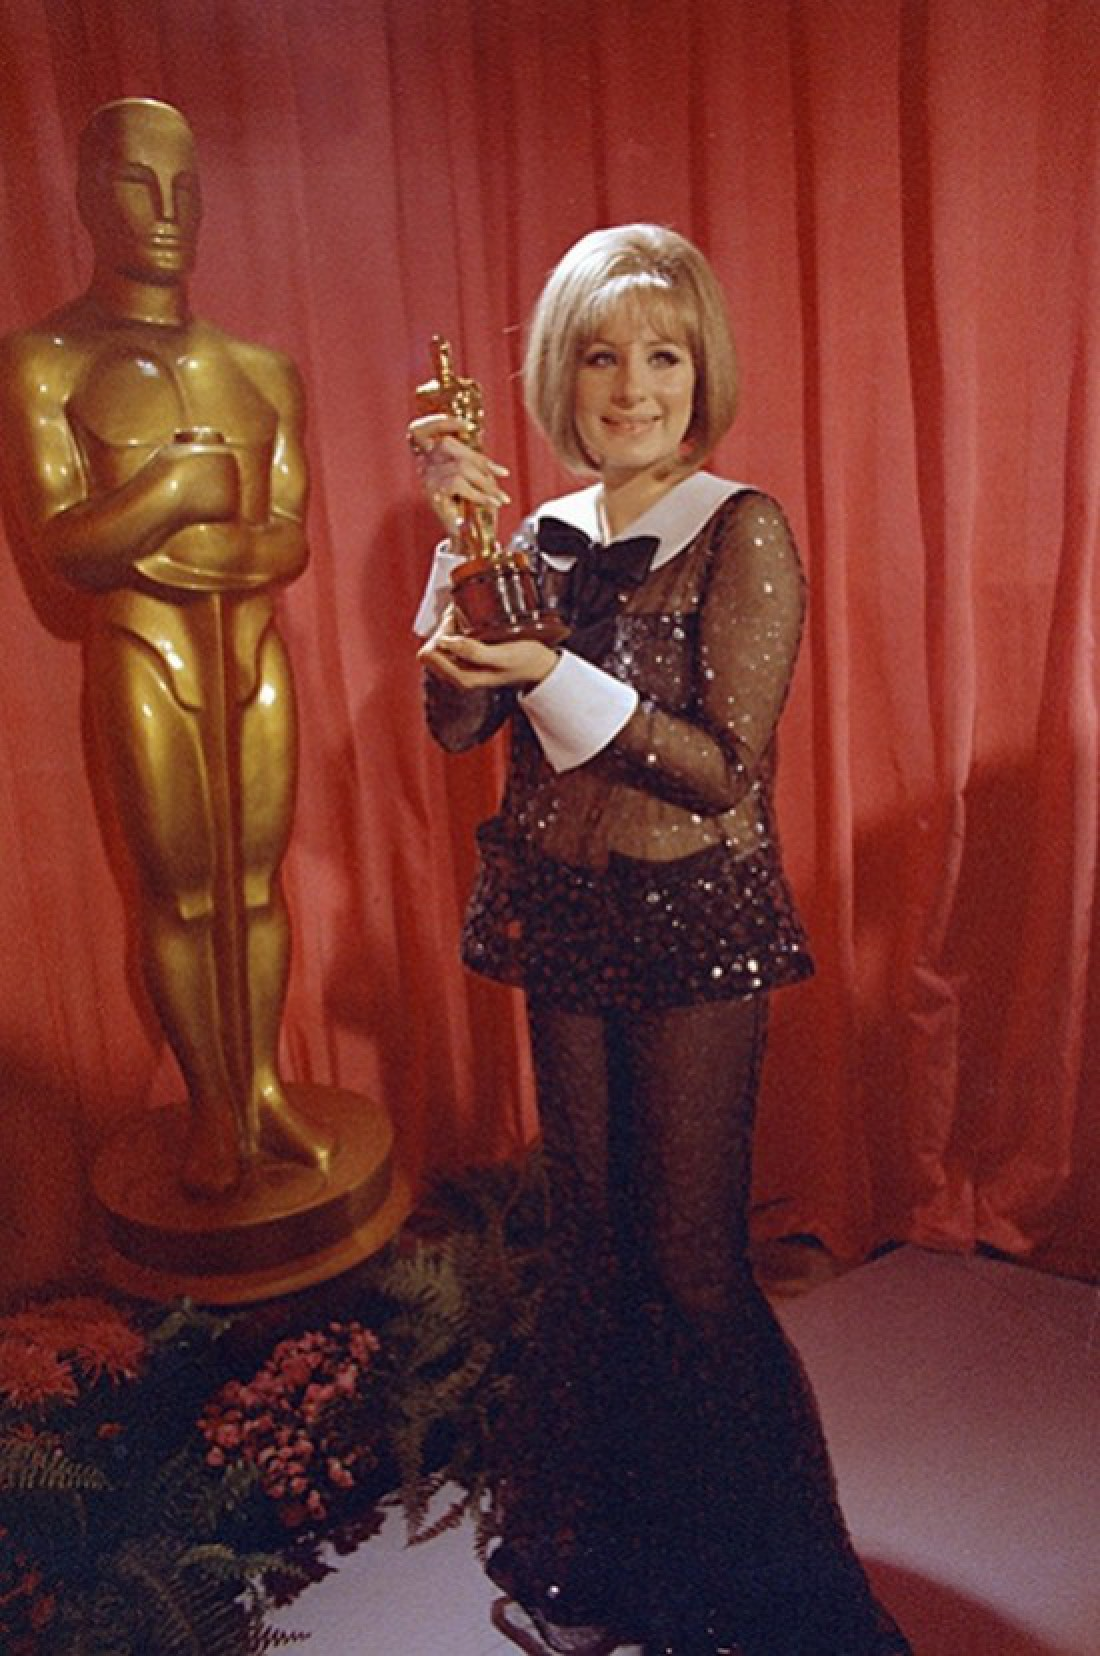 Барбара Стрейзанд на церемонии «Оскар», 1969 год